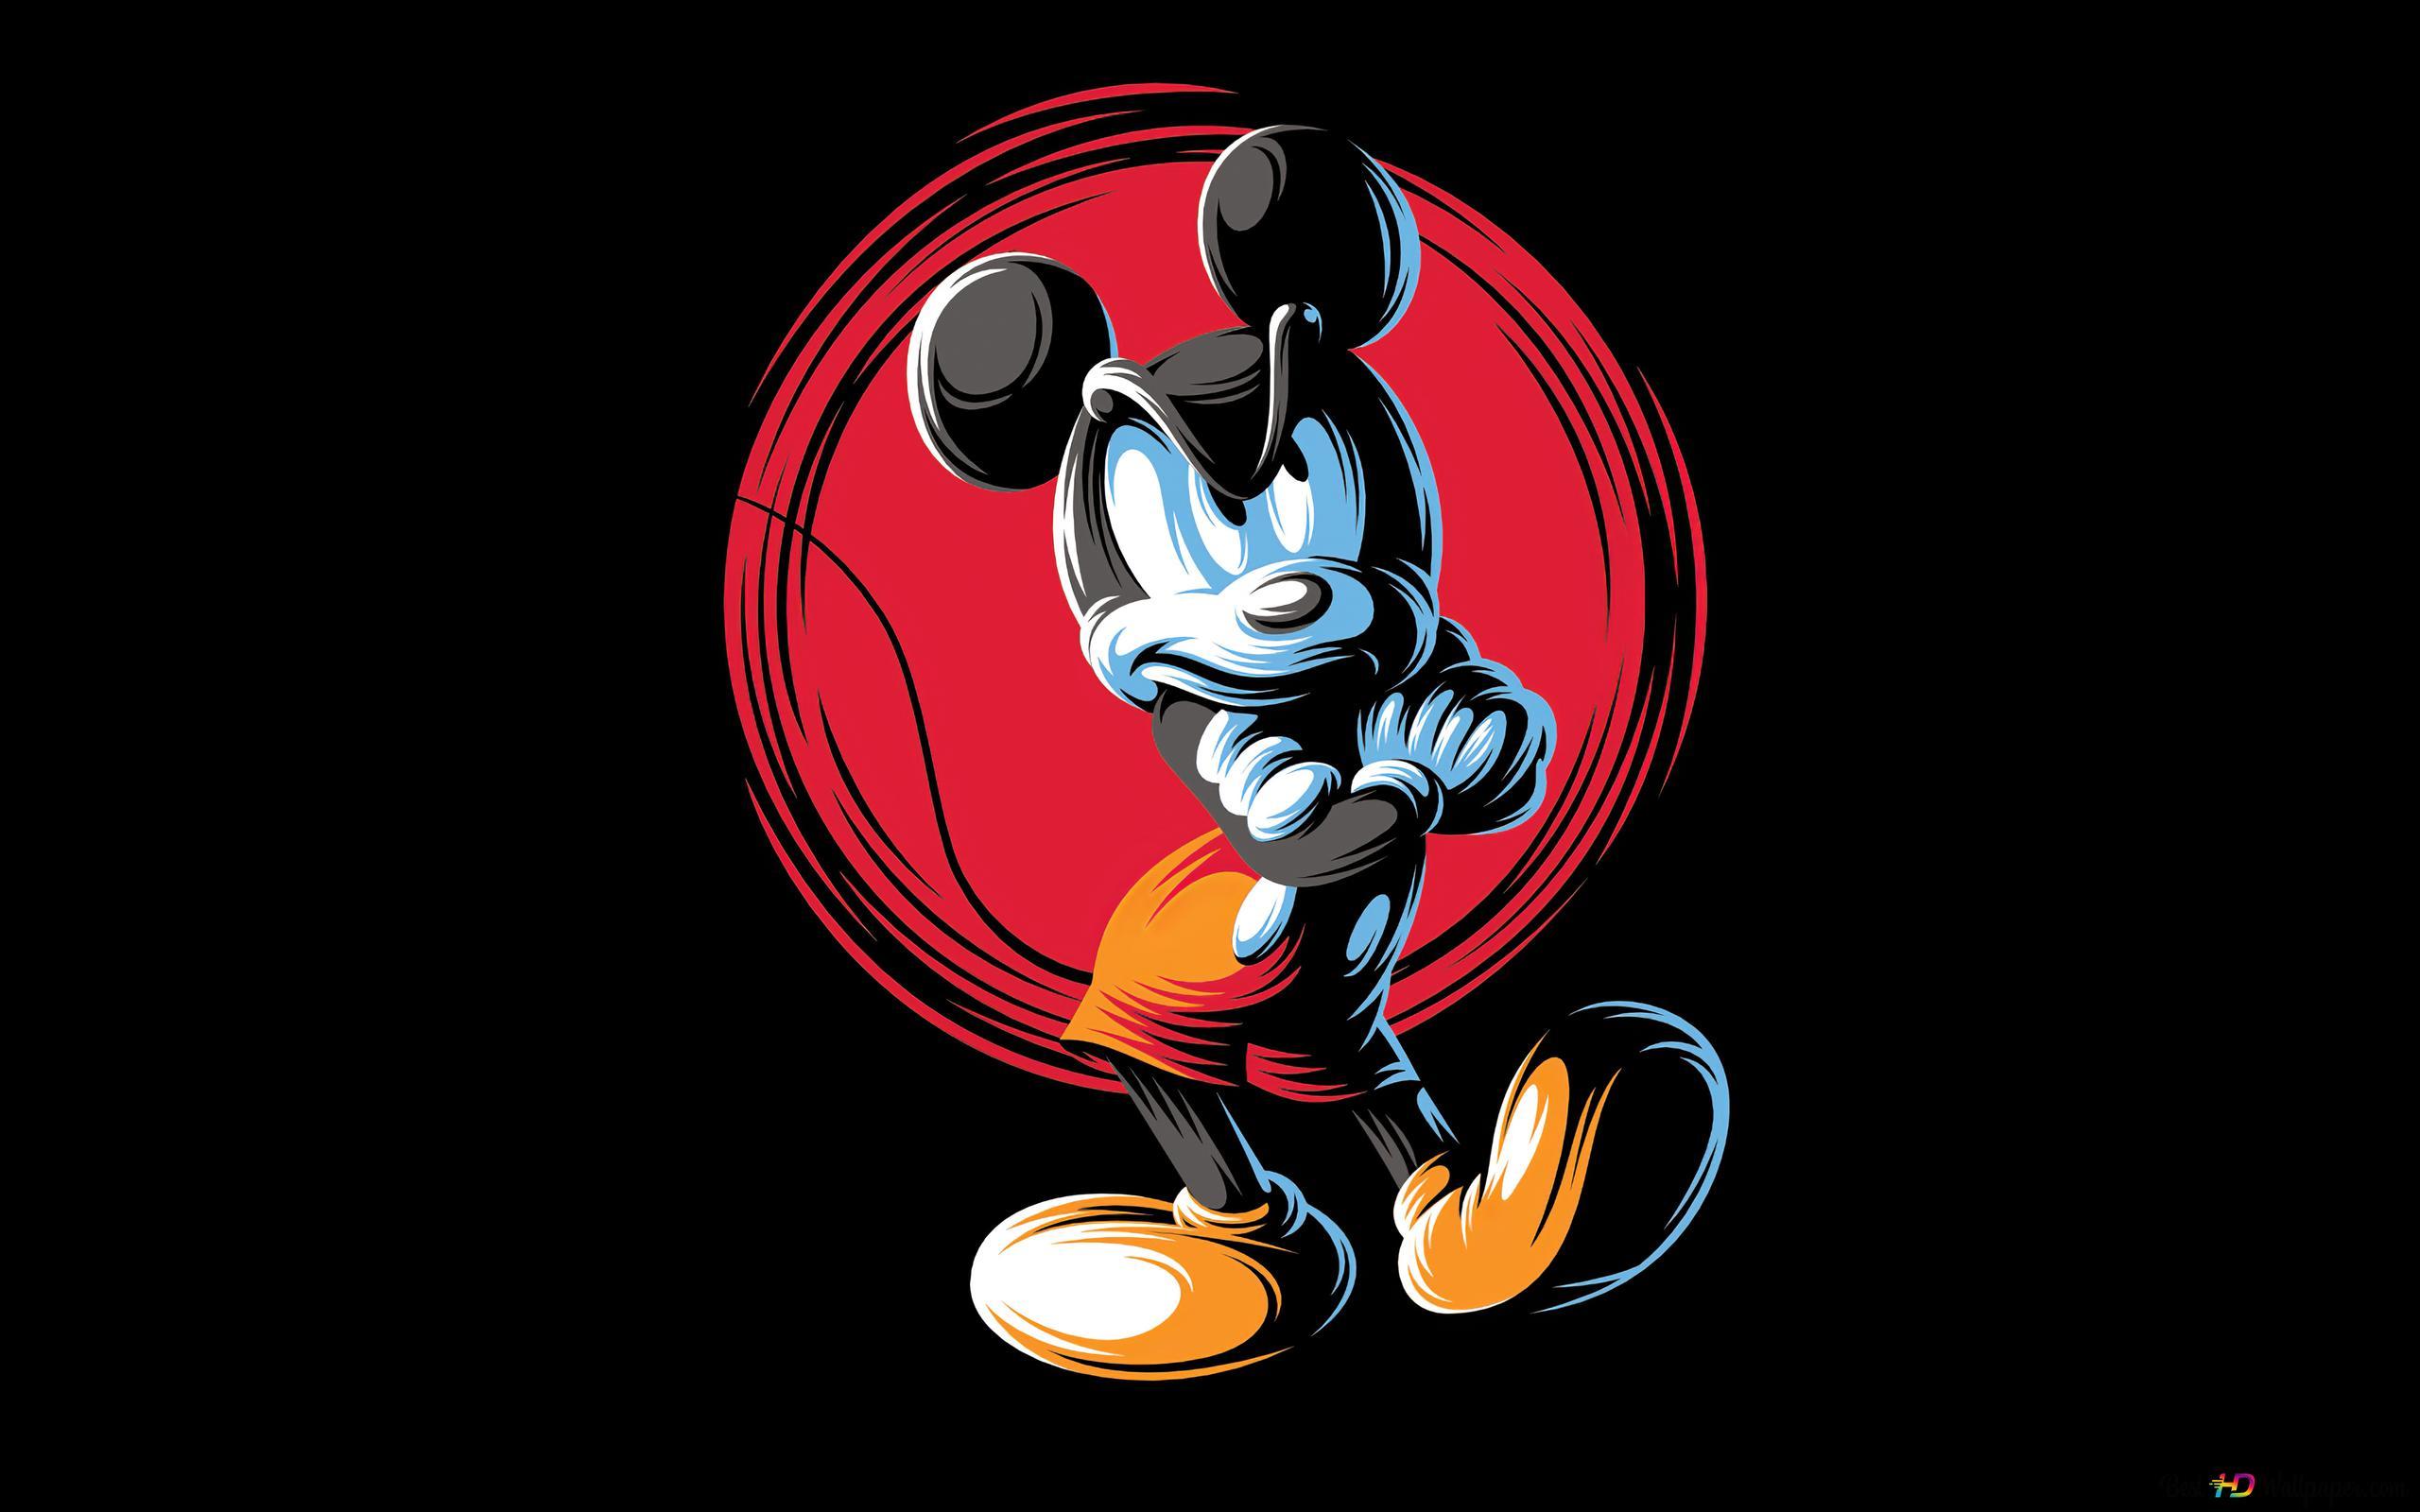 ディズニームービー ミッキーマウス Hd壁紙のダウンロード